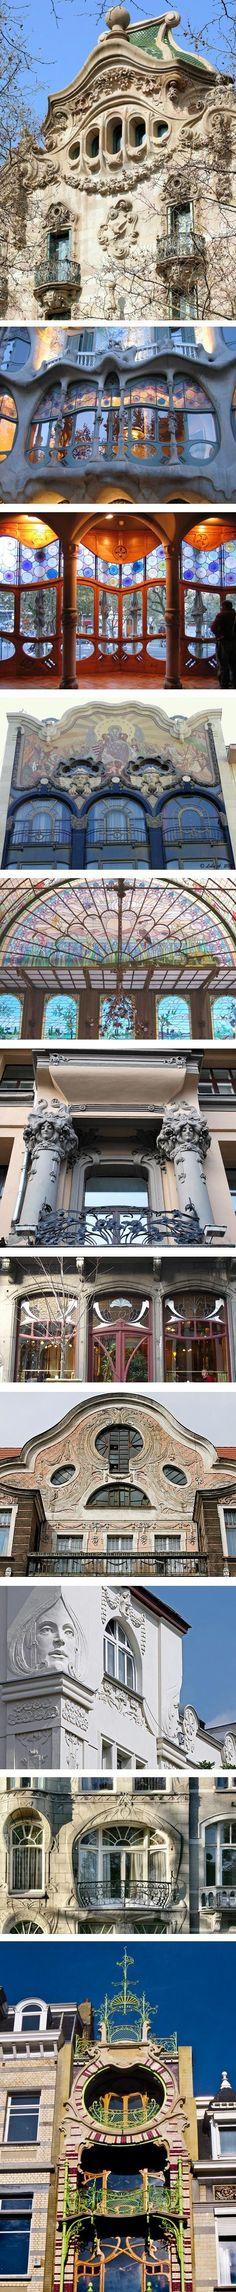 Art Nouveau Architecture | art nouveau was a movement that encompassed more than visual art ...